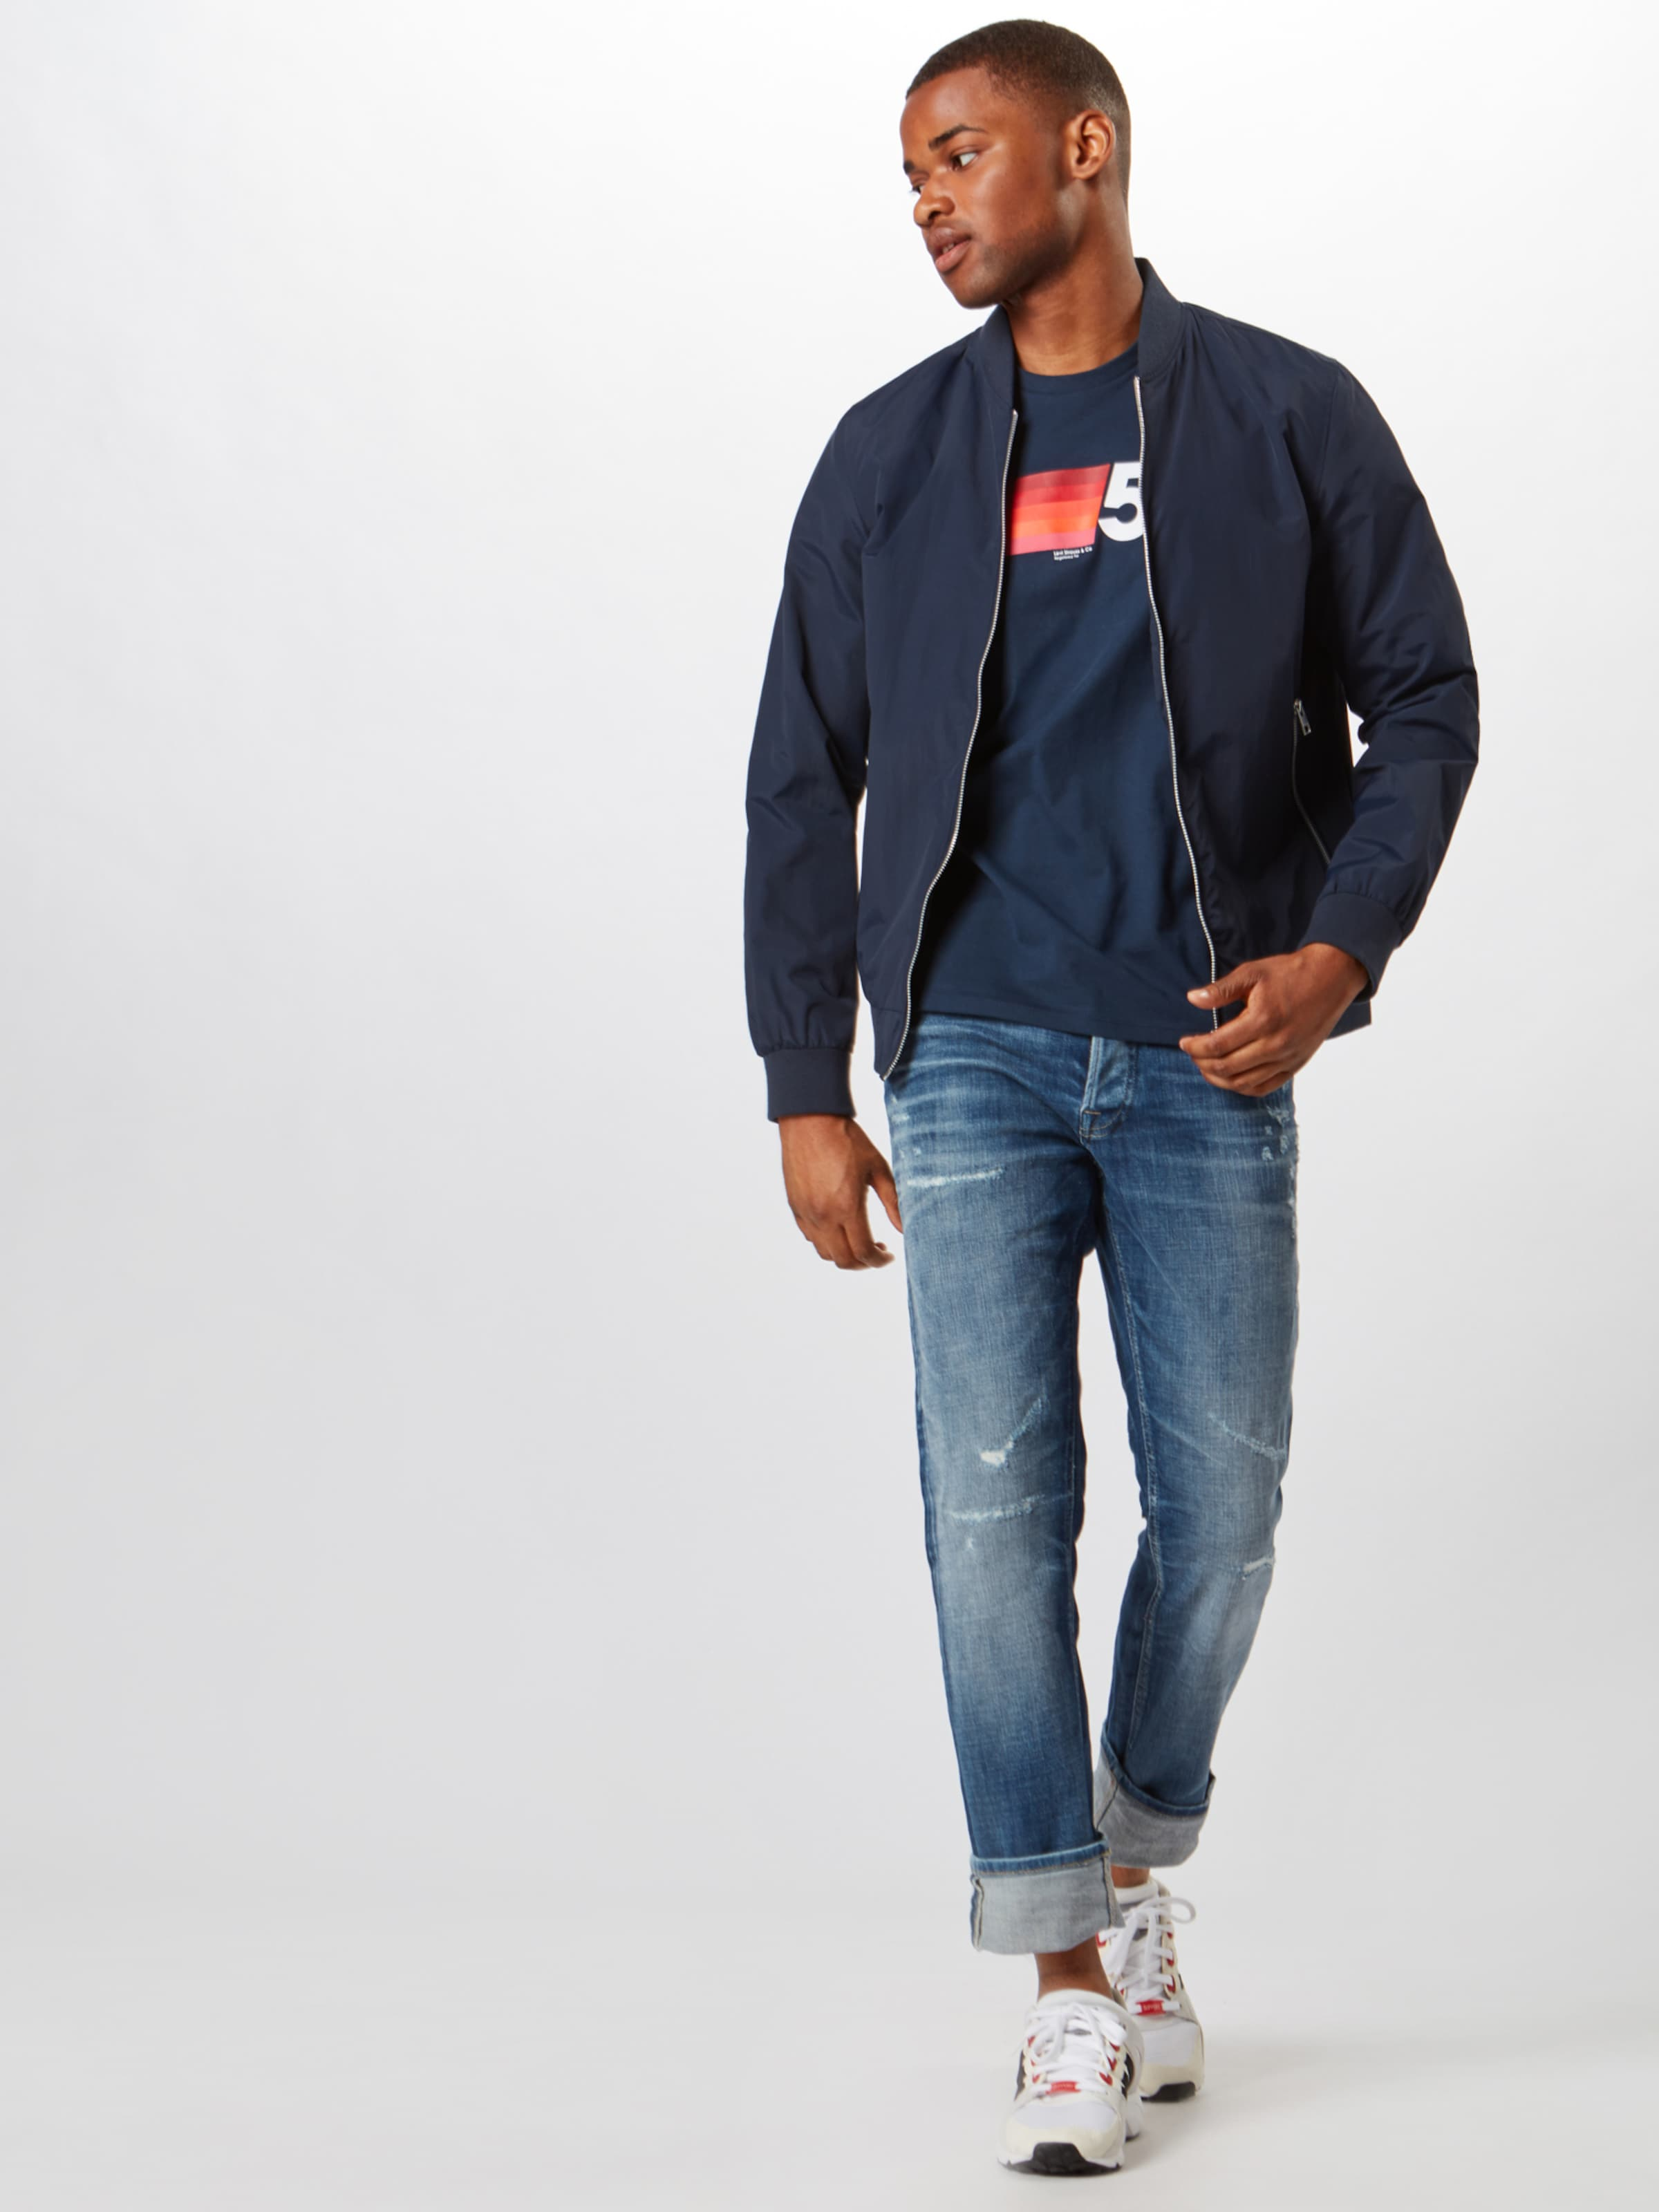 Couleurs Sweat Levi's FoncéMélange Bleu En De shirt CxsQdthr